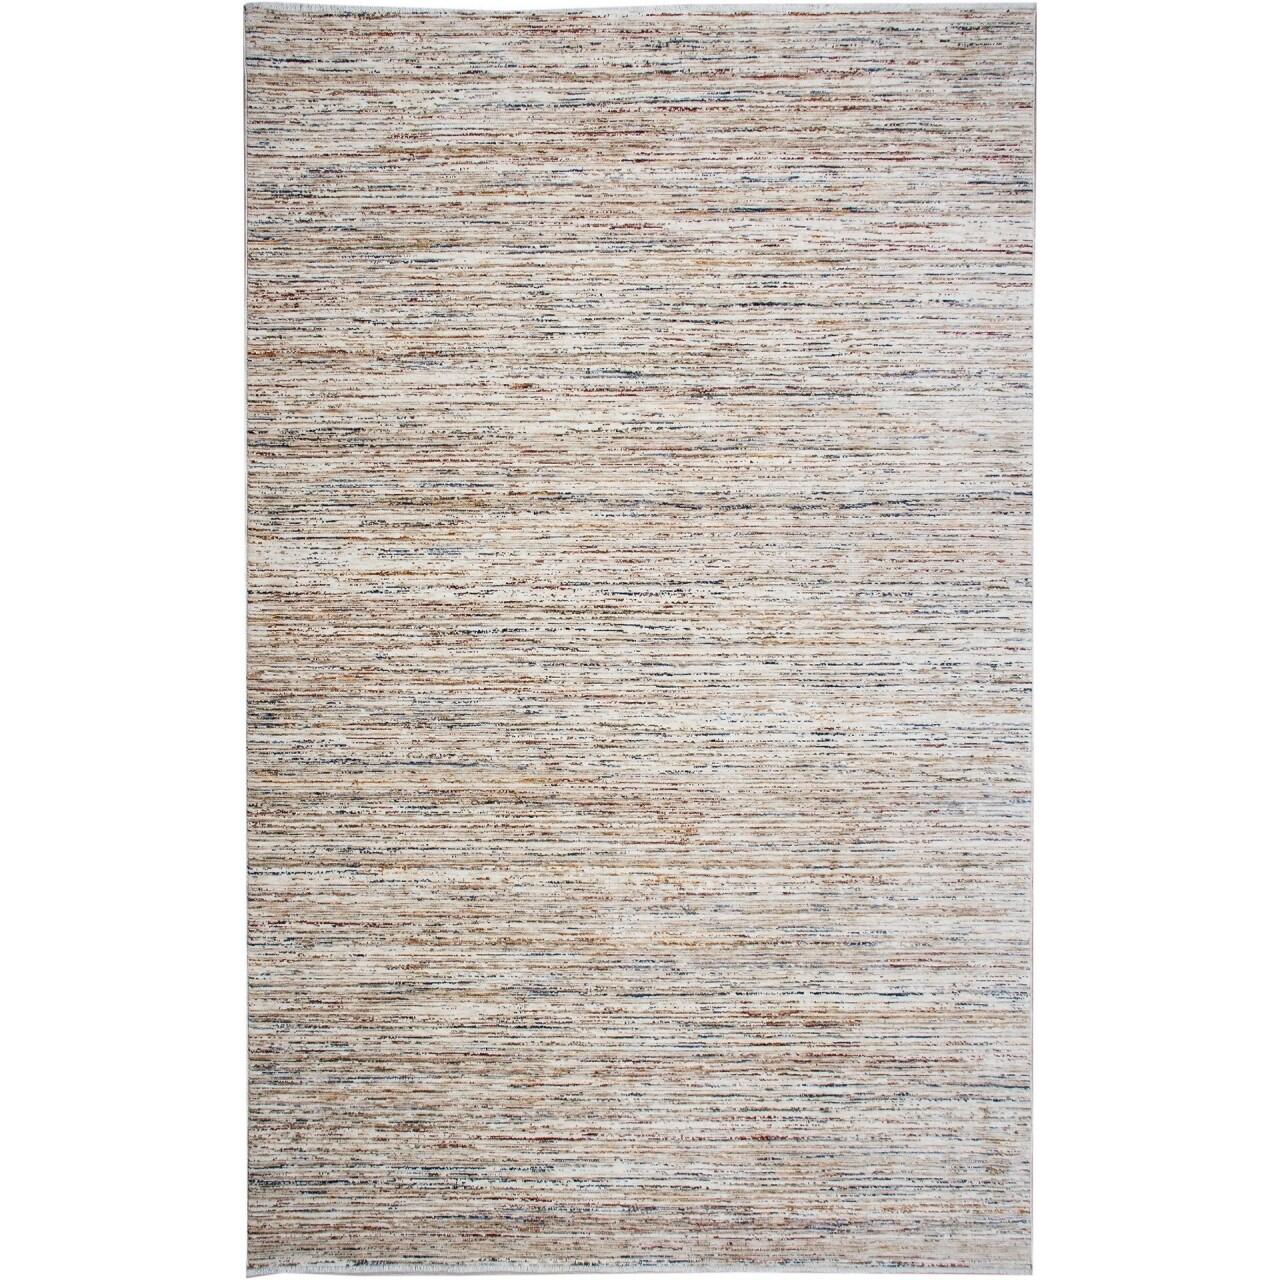 Covor rezistent Eko, ALT - Plain Beige, 100% poliester,  160 x 230 cm